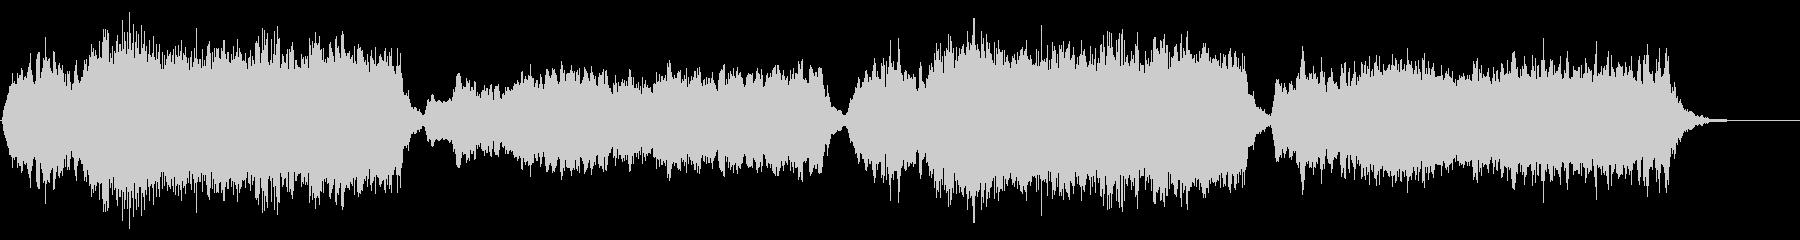 ツィゴイネルワイゼンの未再生の波形